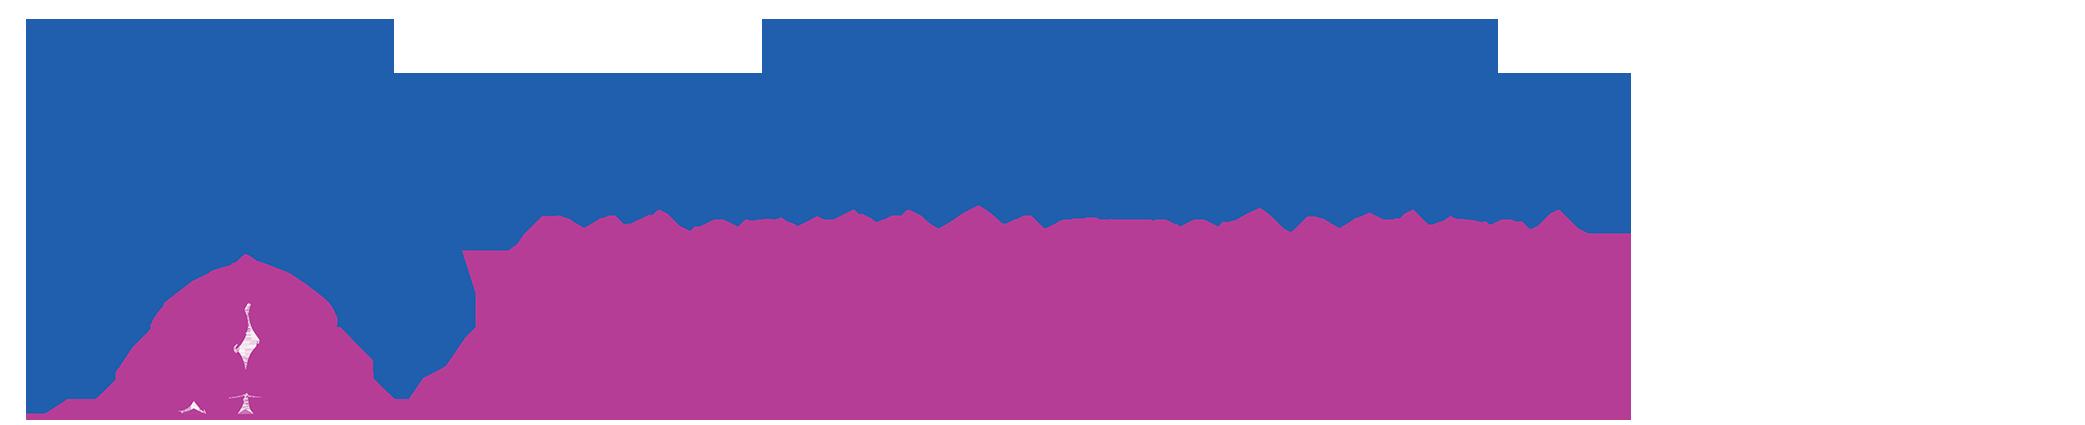 Σύλλογος Γονέων & Κηδεμόνων Αγίας Μαρίνας Κορωπίου